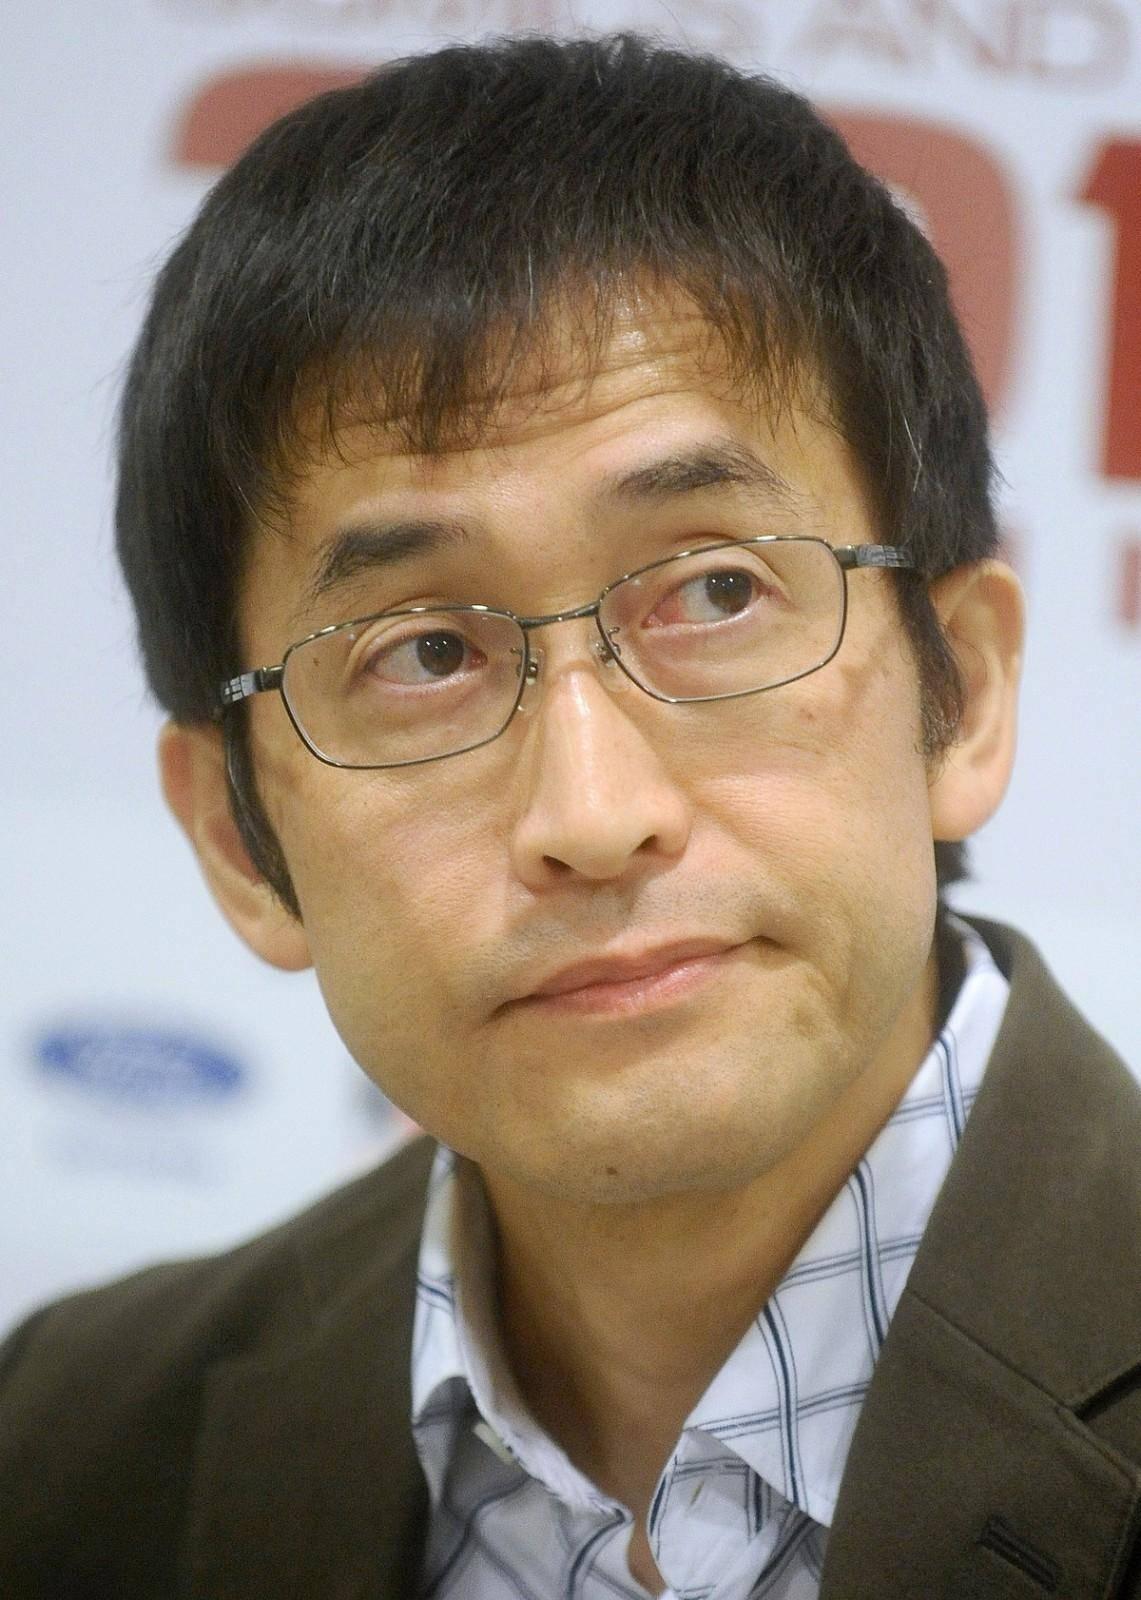 #ComicConAtHome   Junji Ito ha dicho que Kojima lo contacto para trabajar juntos en un nuevo juego de terror 1